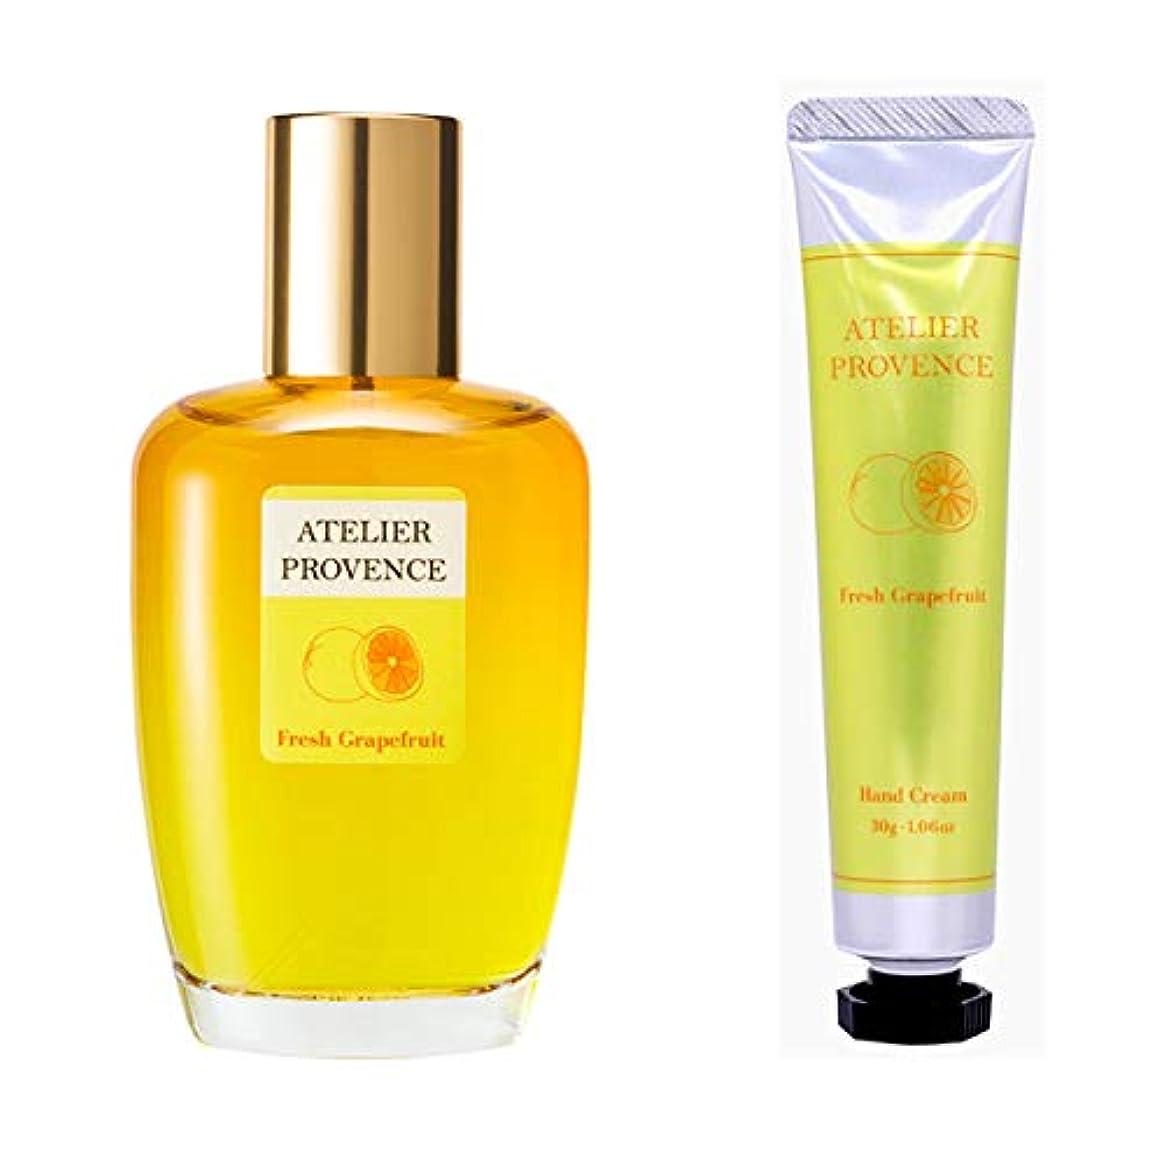 根拠現実には重力アトリエ プロヴァンス ATELIER PROVENCE フレッシュグレープフルーツの香り コフレセット(EDT90ml+ハンドクリーム30g)